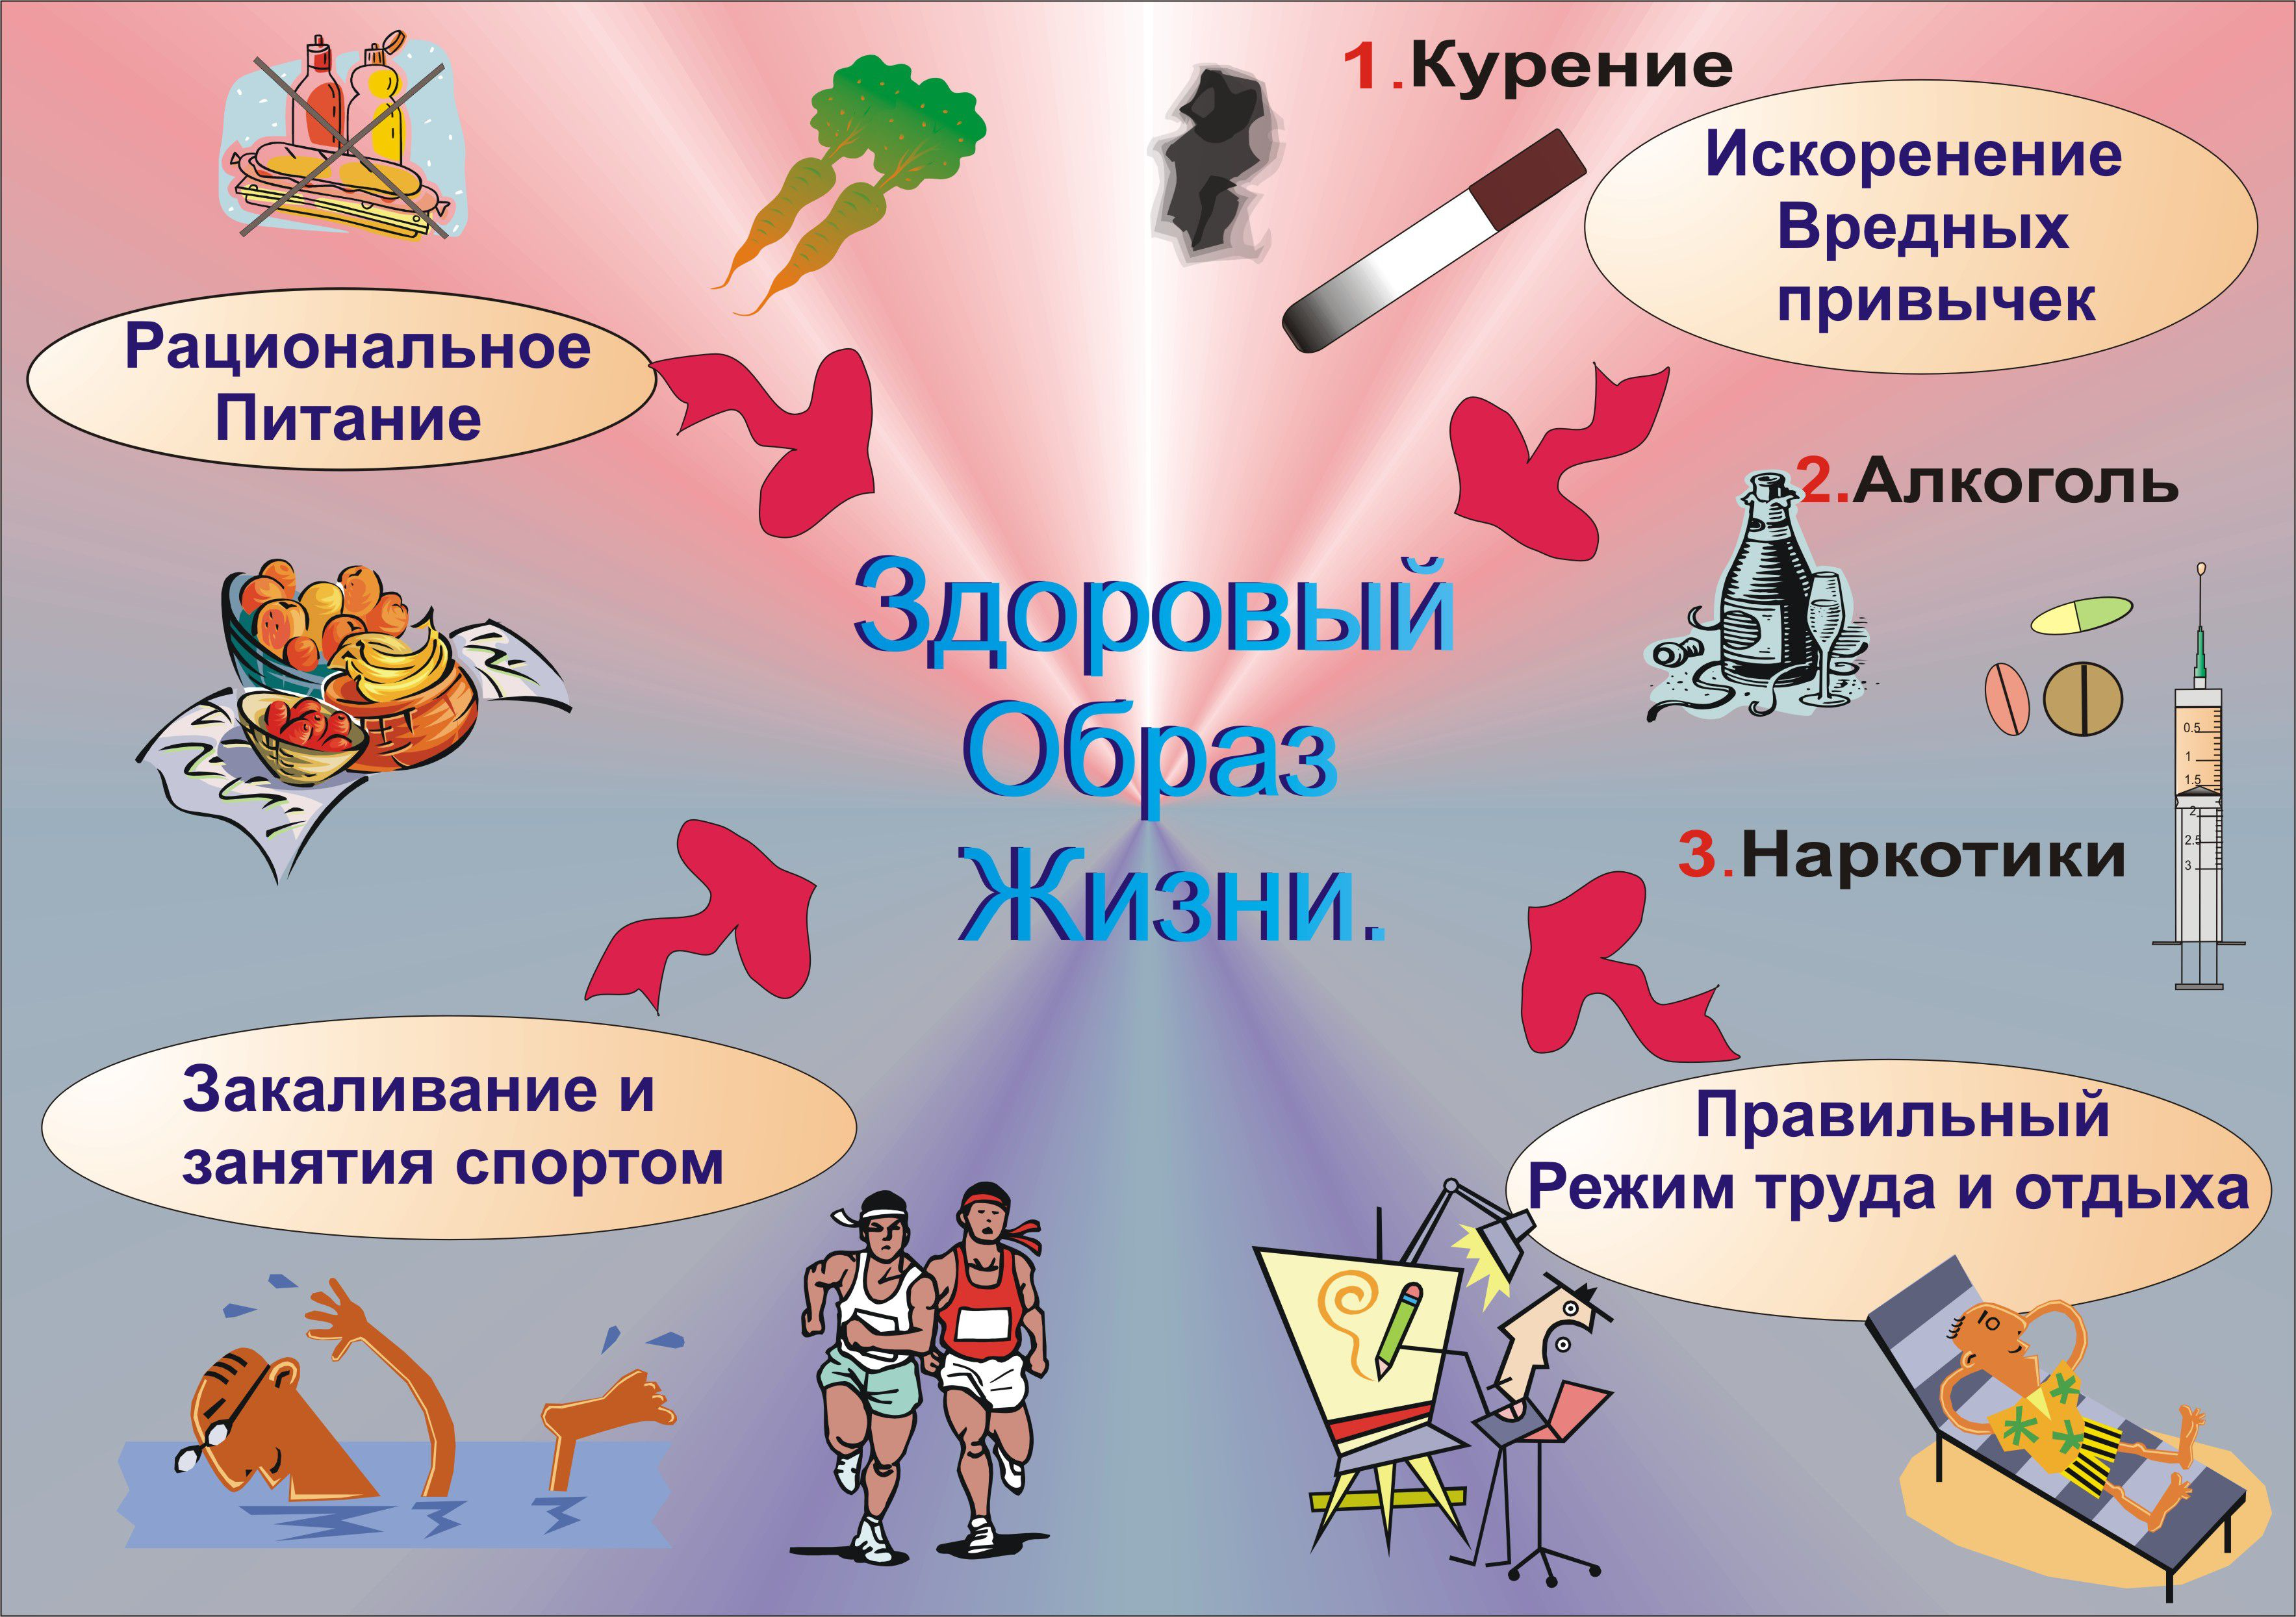 здоровый образ жизни сочинение на английском